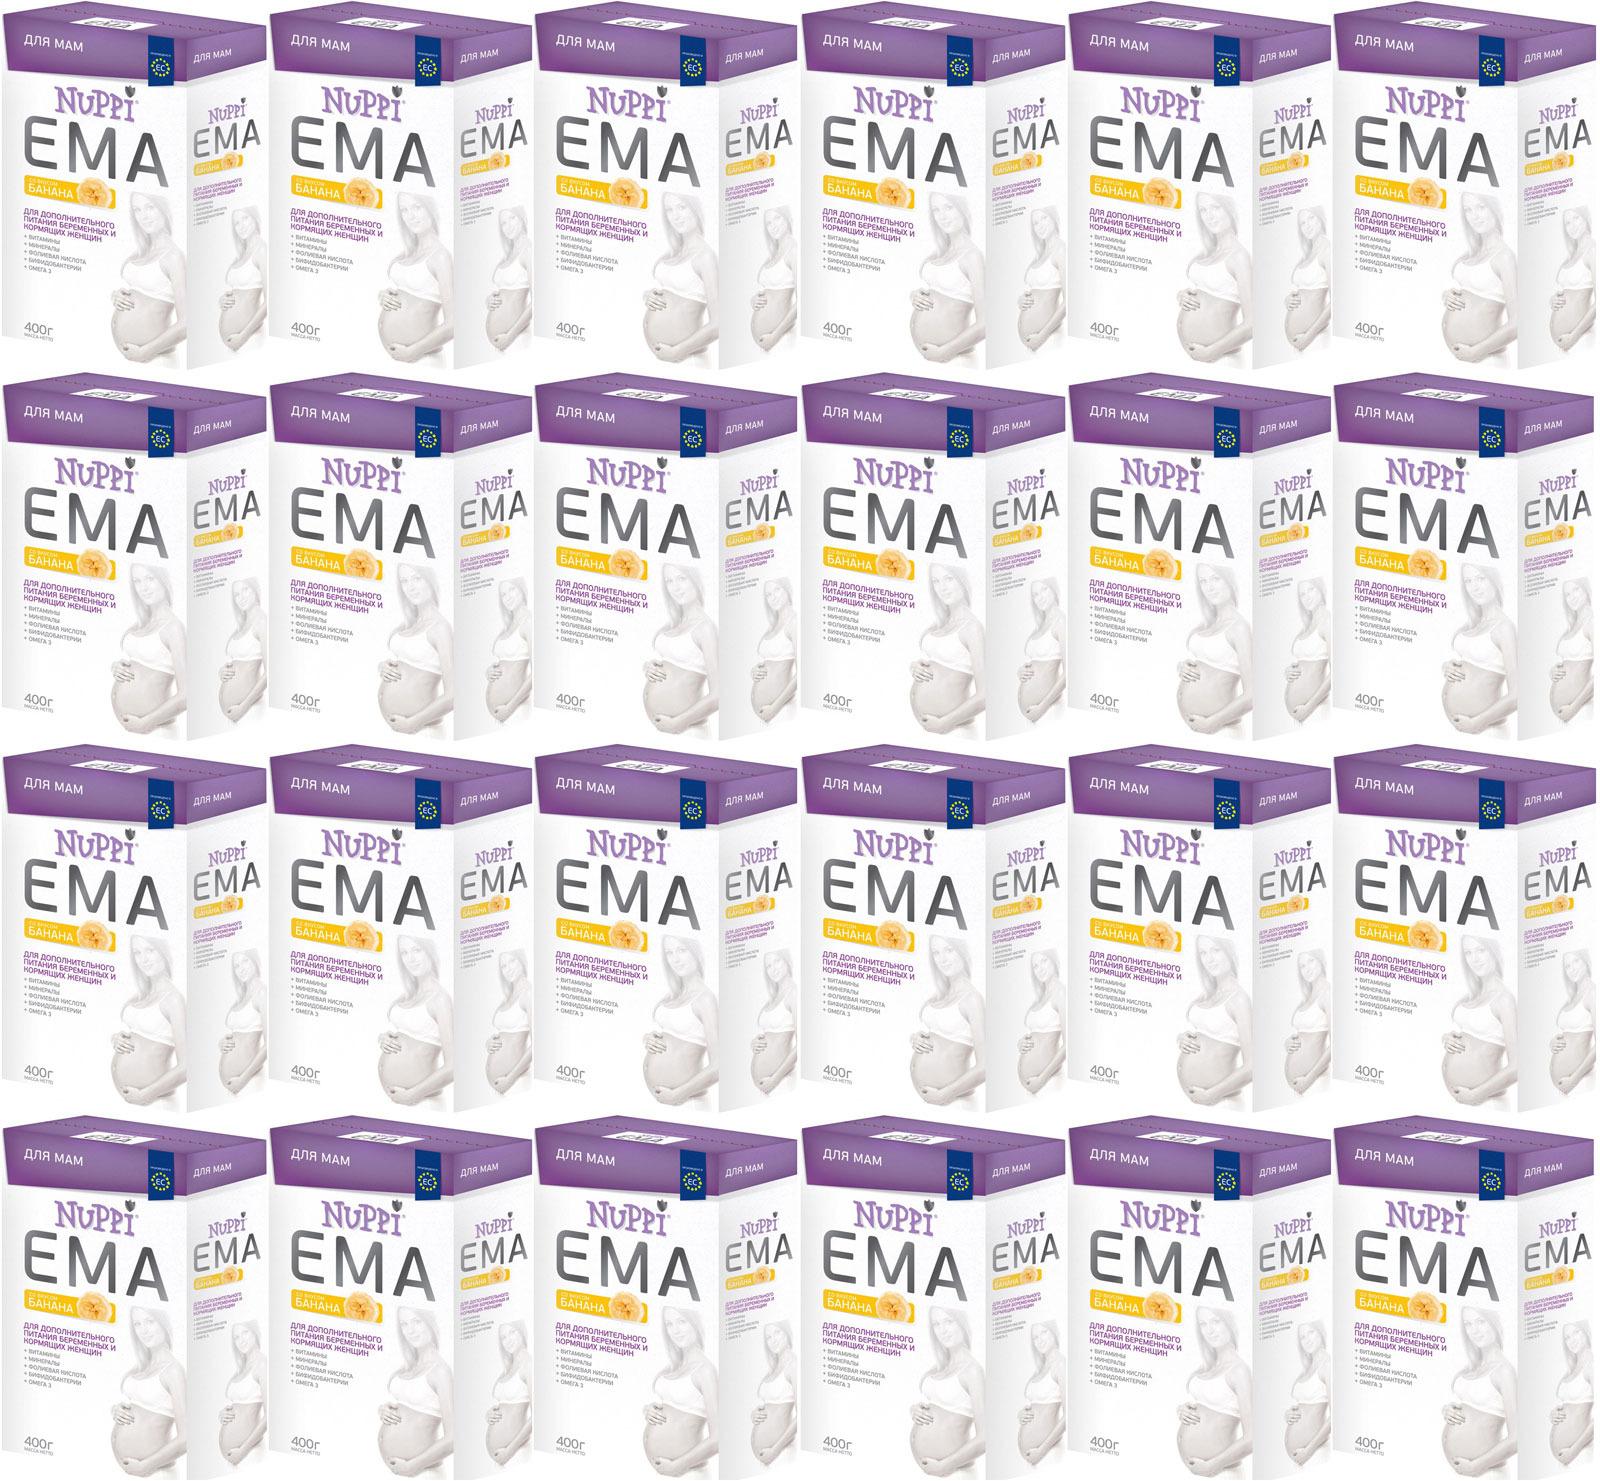 Nuppi Смесь Эма молочная для беременных и кормящих мам со вкусом банана, 24 шт по 400 г витамины для беременных с dha